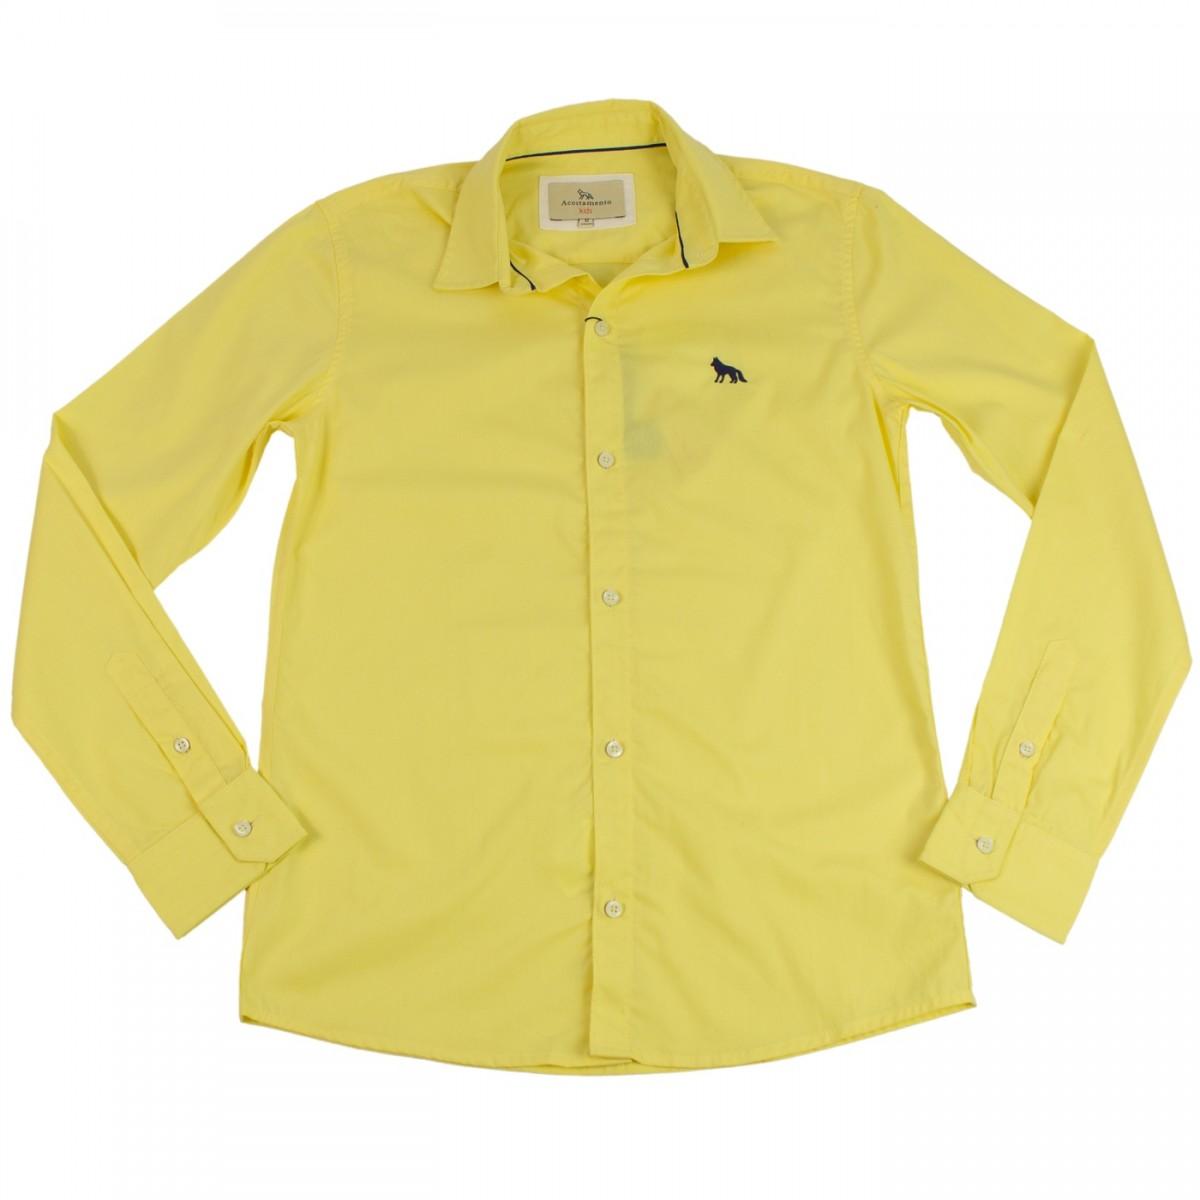 b47a2e46d1 Bizz Store - Camisa Social Infantil Masculina Acostamento